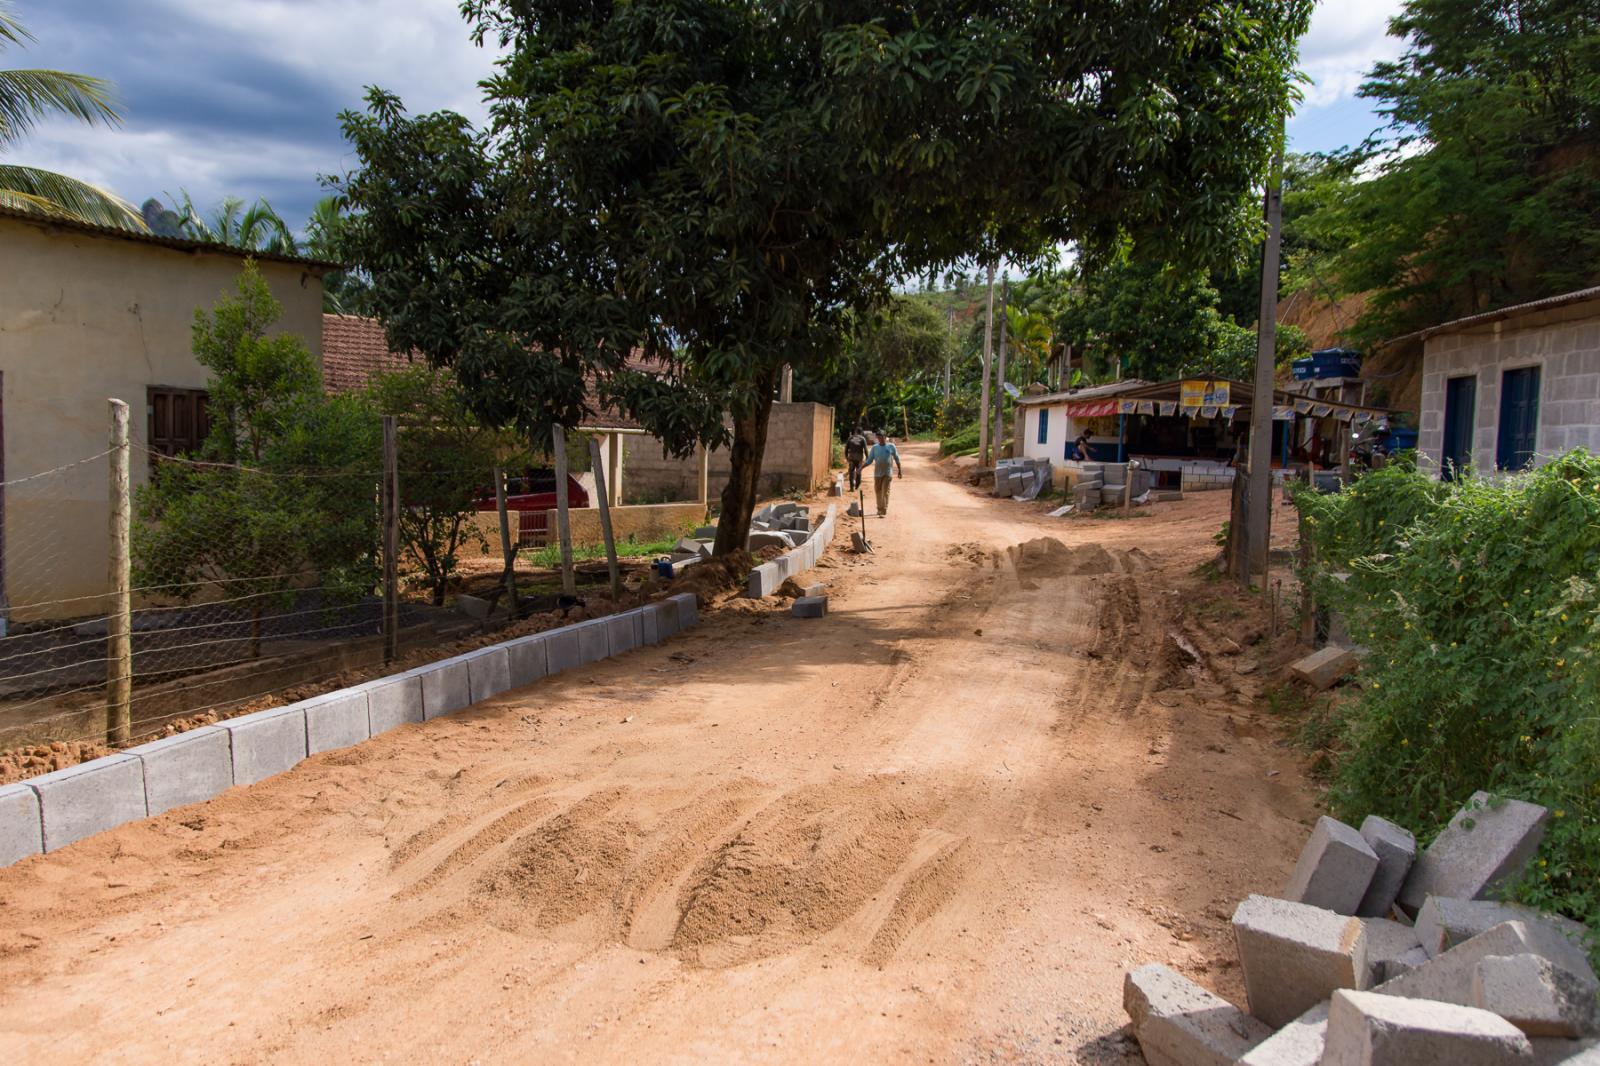 Obras do Calçamento Rural iniciaram na Praça Oito